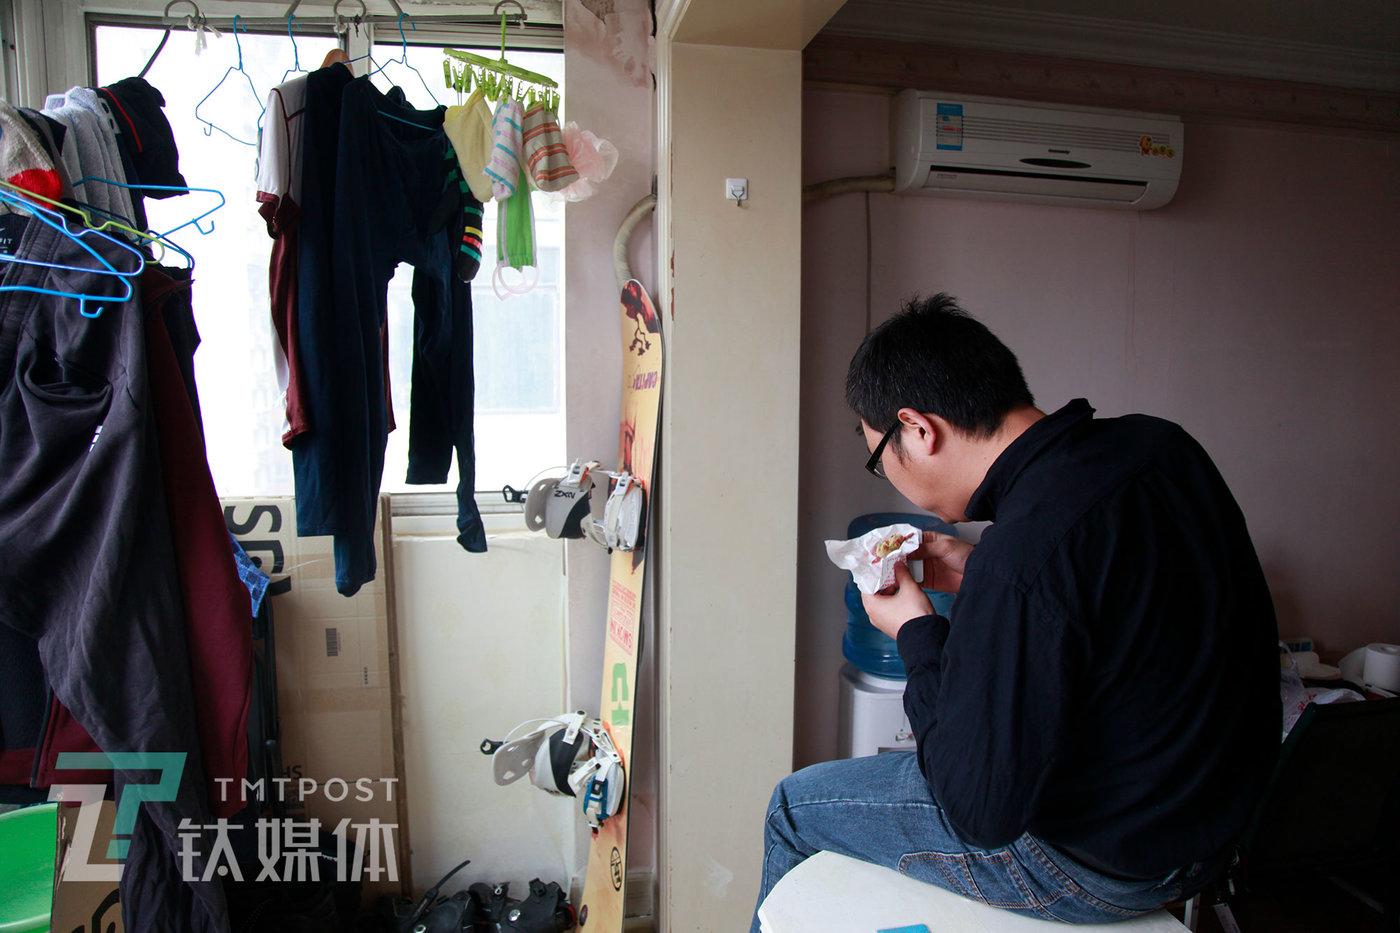 3月10日,北京,29岁的李可在吃午饭。他被公司裁员,为了控制生活成本,每天只吃两顿外卖简餐。3月,我们采访了几位跟李可一样遭遇的人:裁员潮里的失业青年:投了500份简历,感觉自己不再被认可丨钛媒体影像《在线》